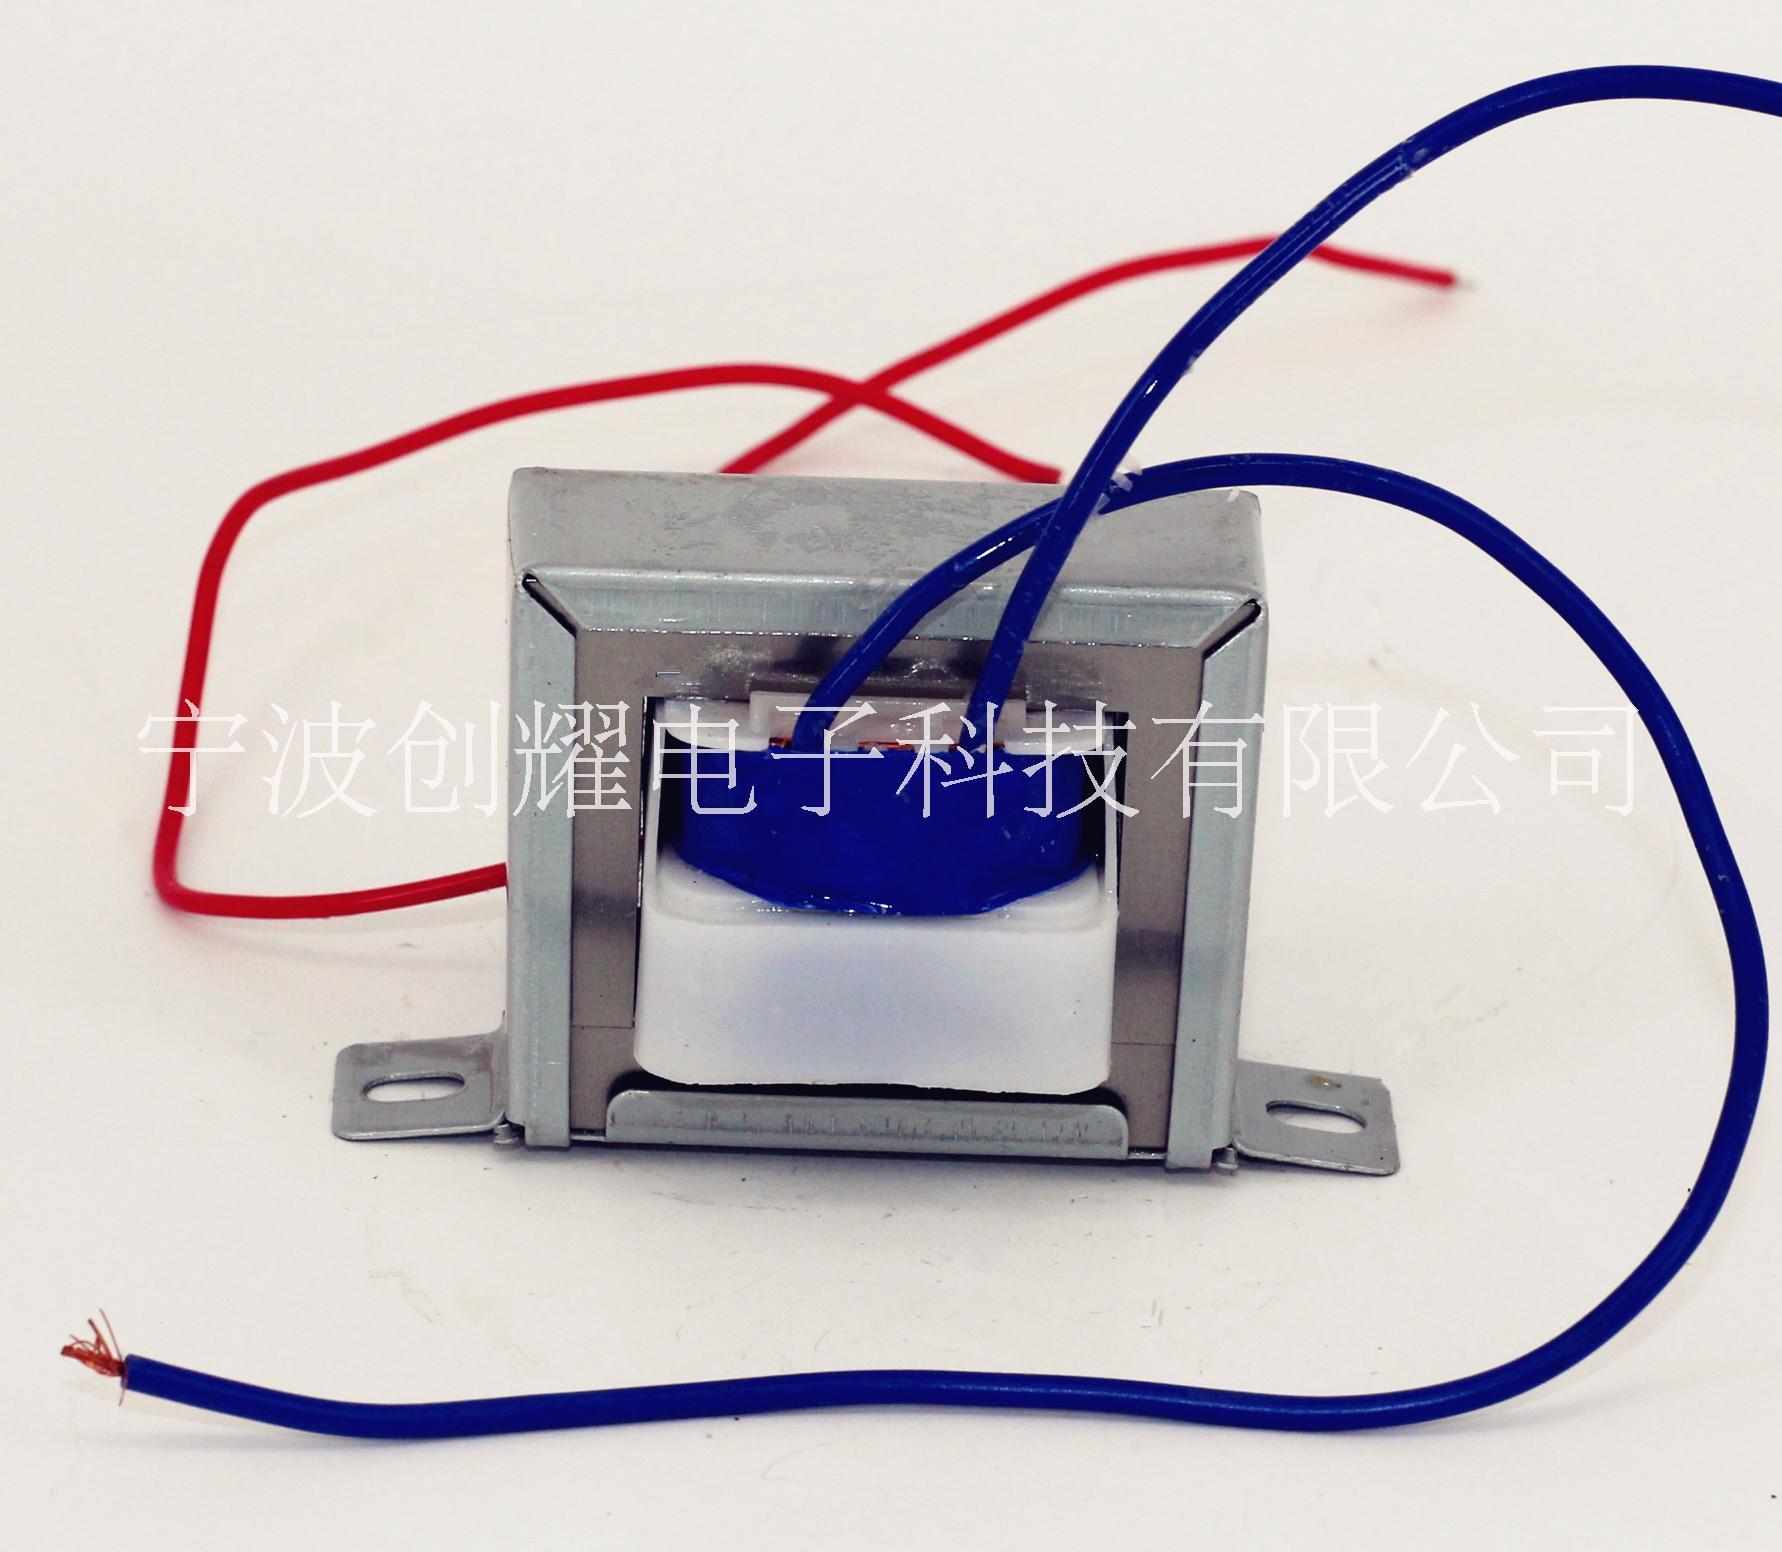 浙江厂家直销 低频变压器 EI型变压器 定制变压器